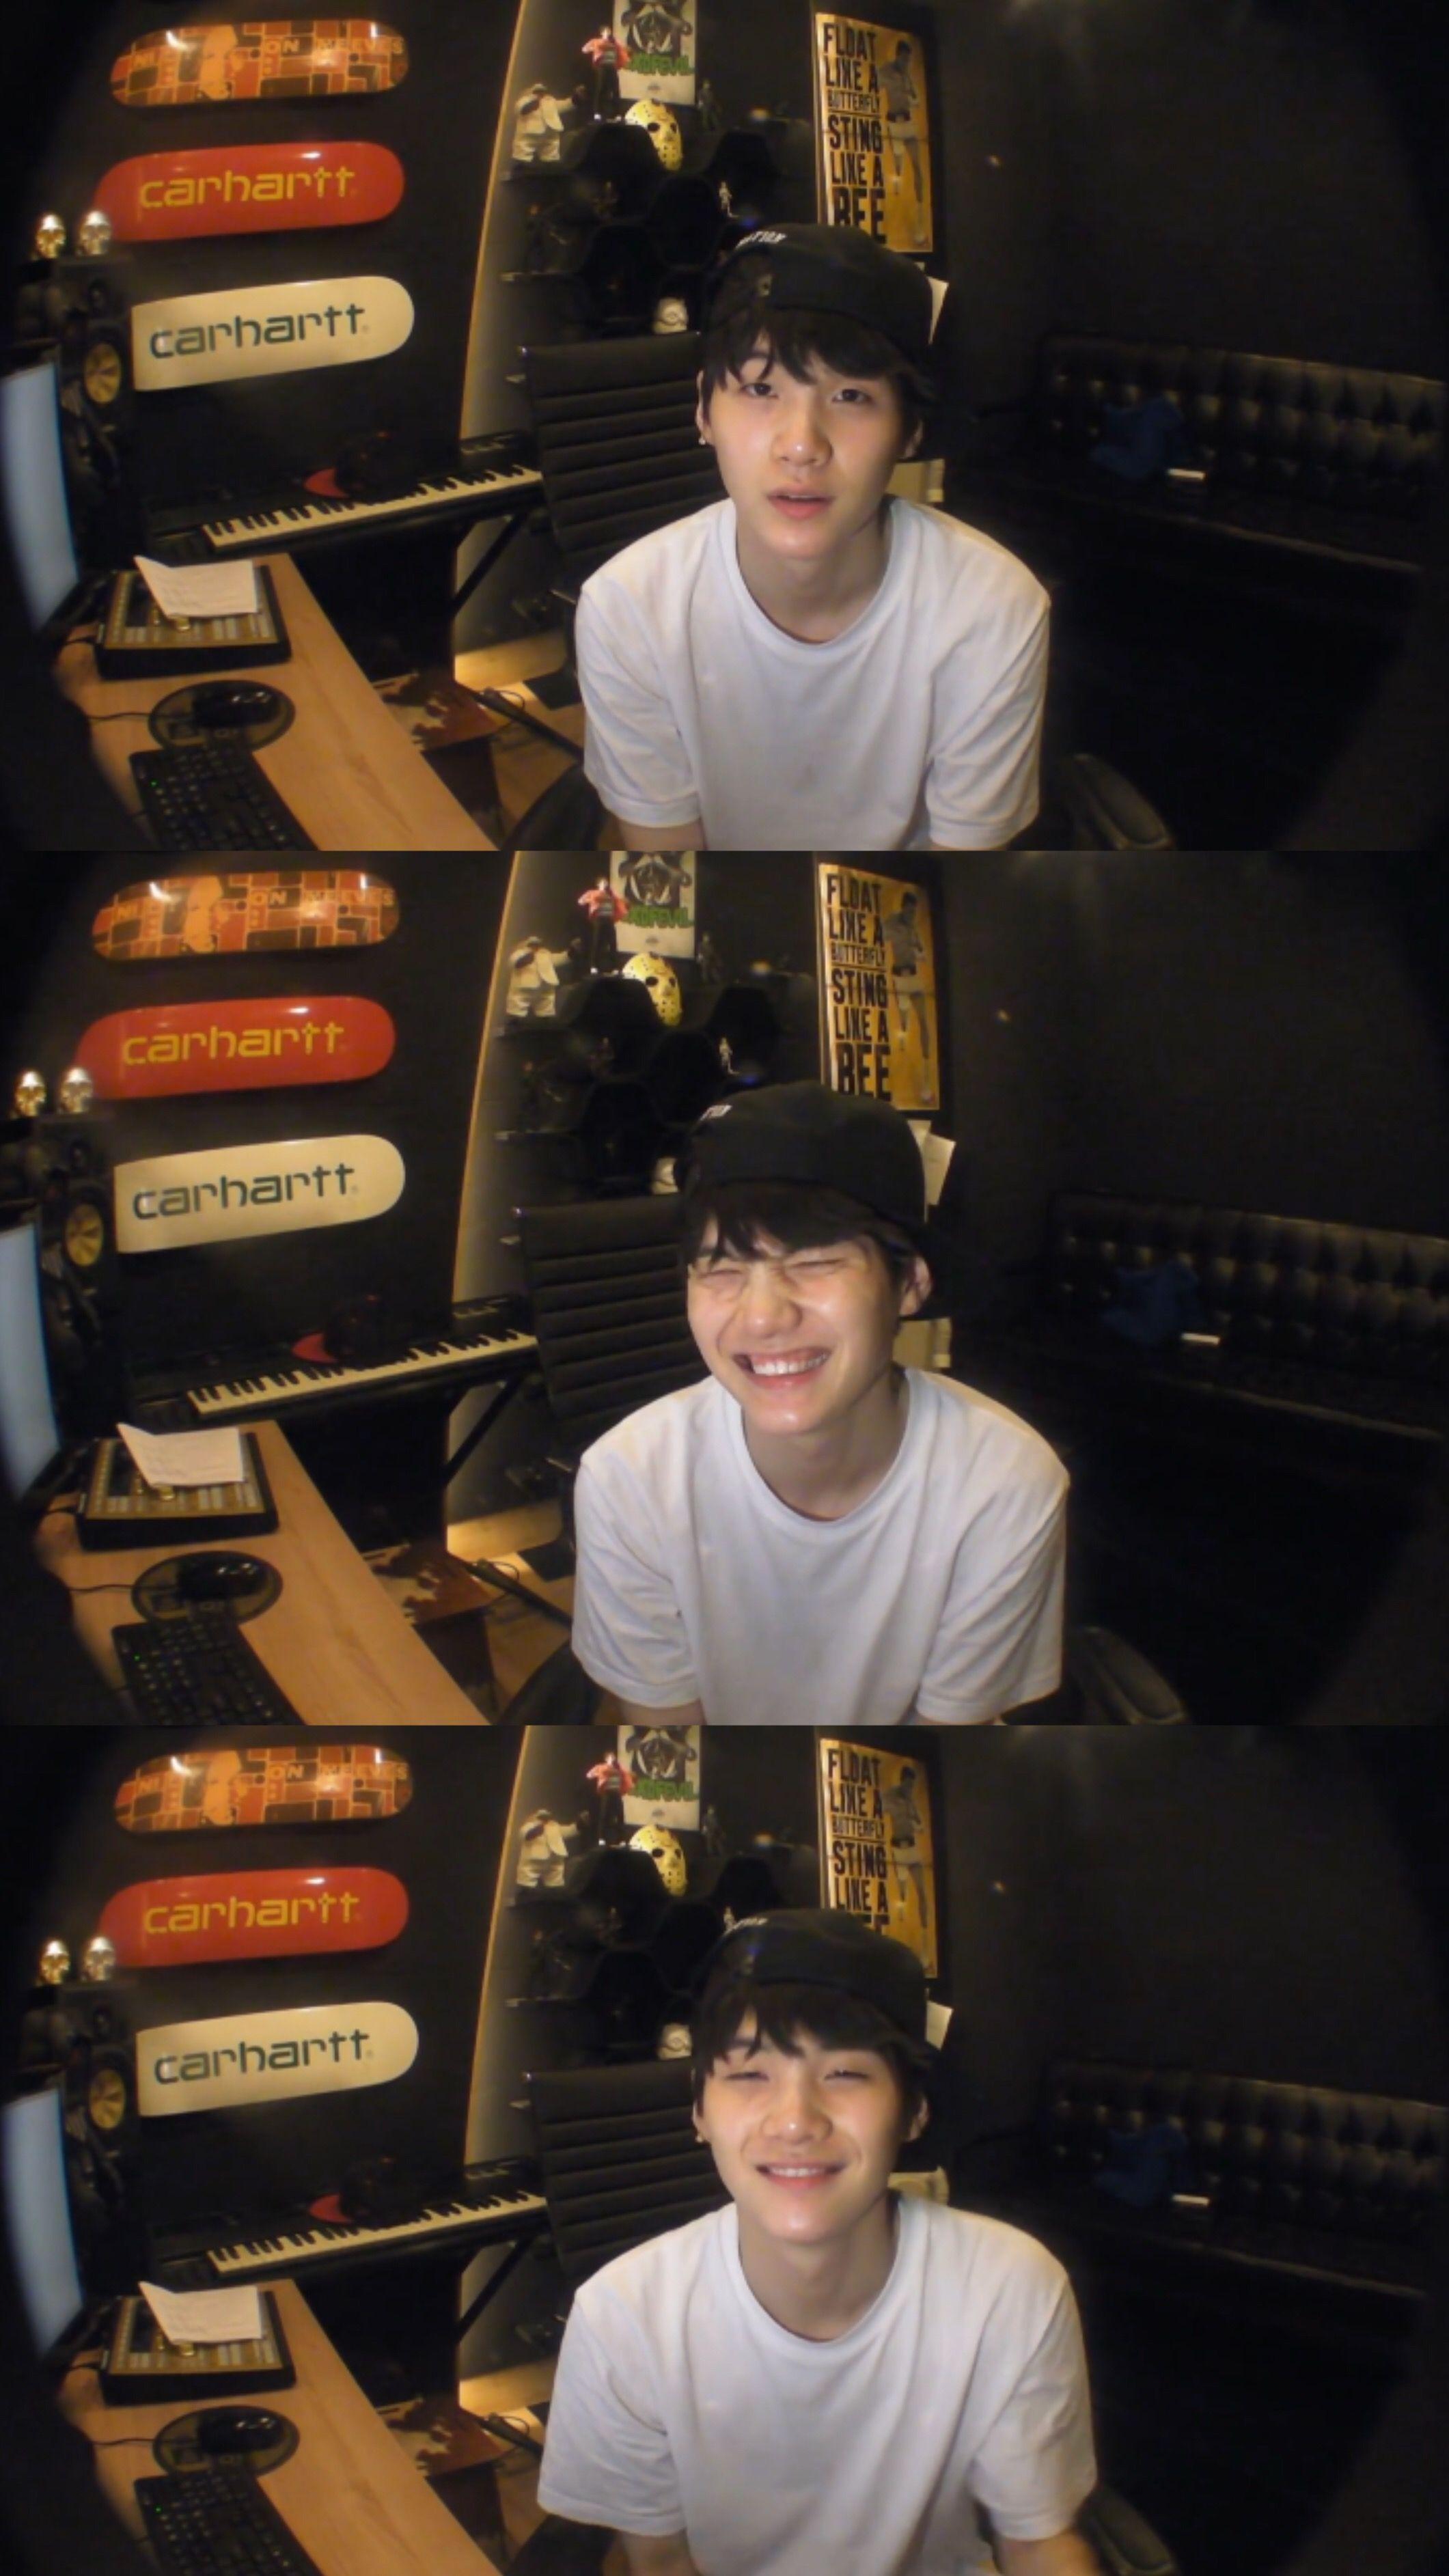 Bts Log 130618 Suga Collage Lockscreen Wallpaper Suga Bts Swag Min Yoongi Bts Bts Suga Wallpaper hp suga bts